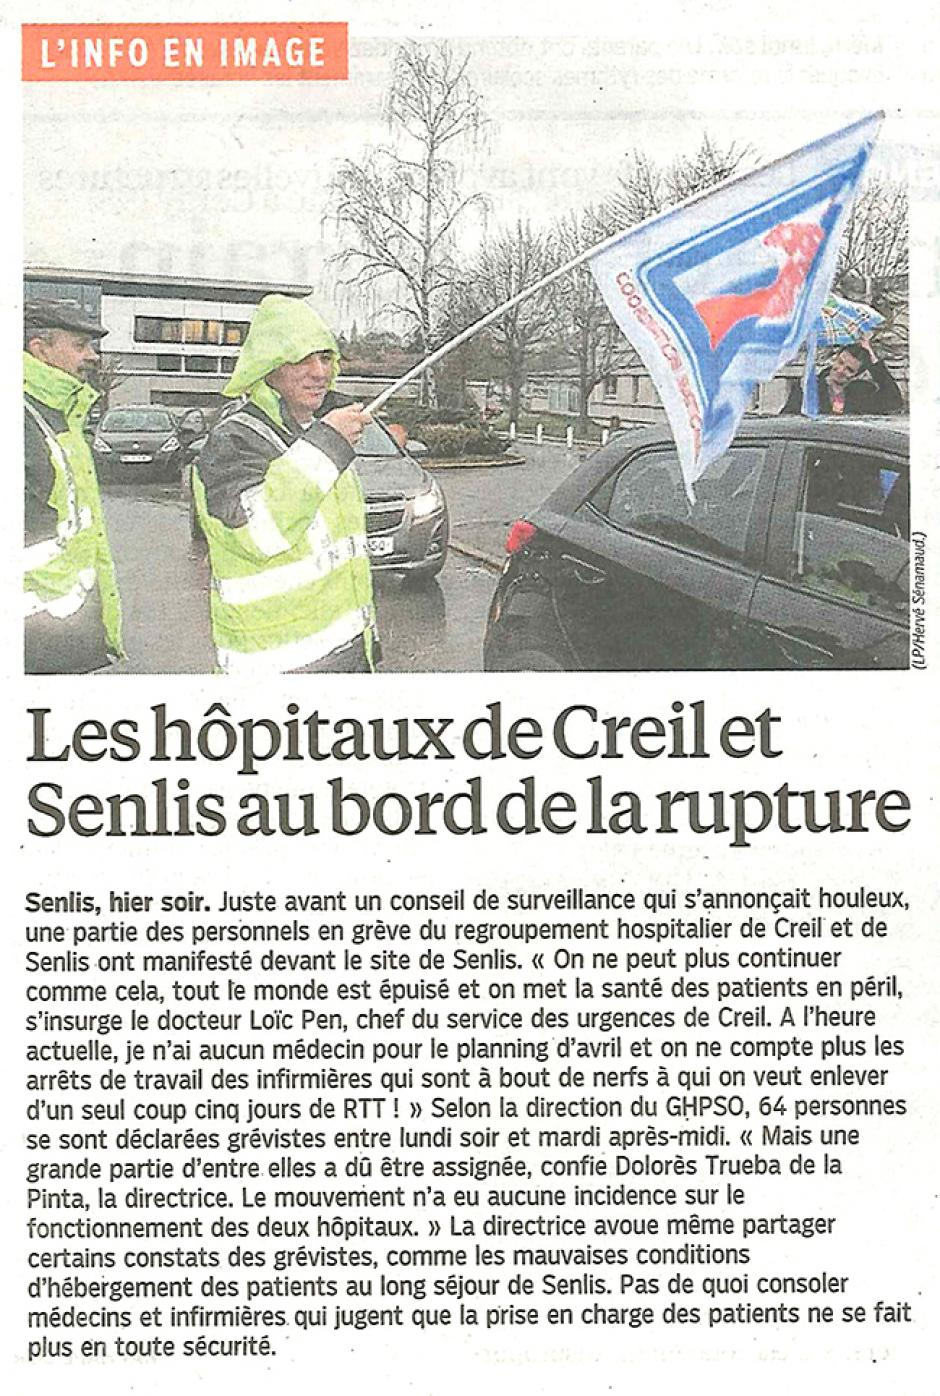 20130320-LeP-Creil-Senlis-Les hôpitaux de Creil et Senlis au bord de la rupture